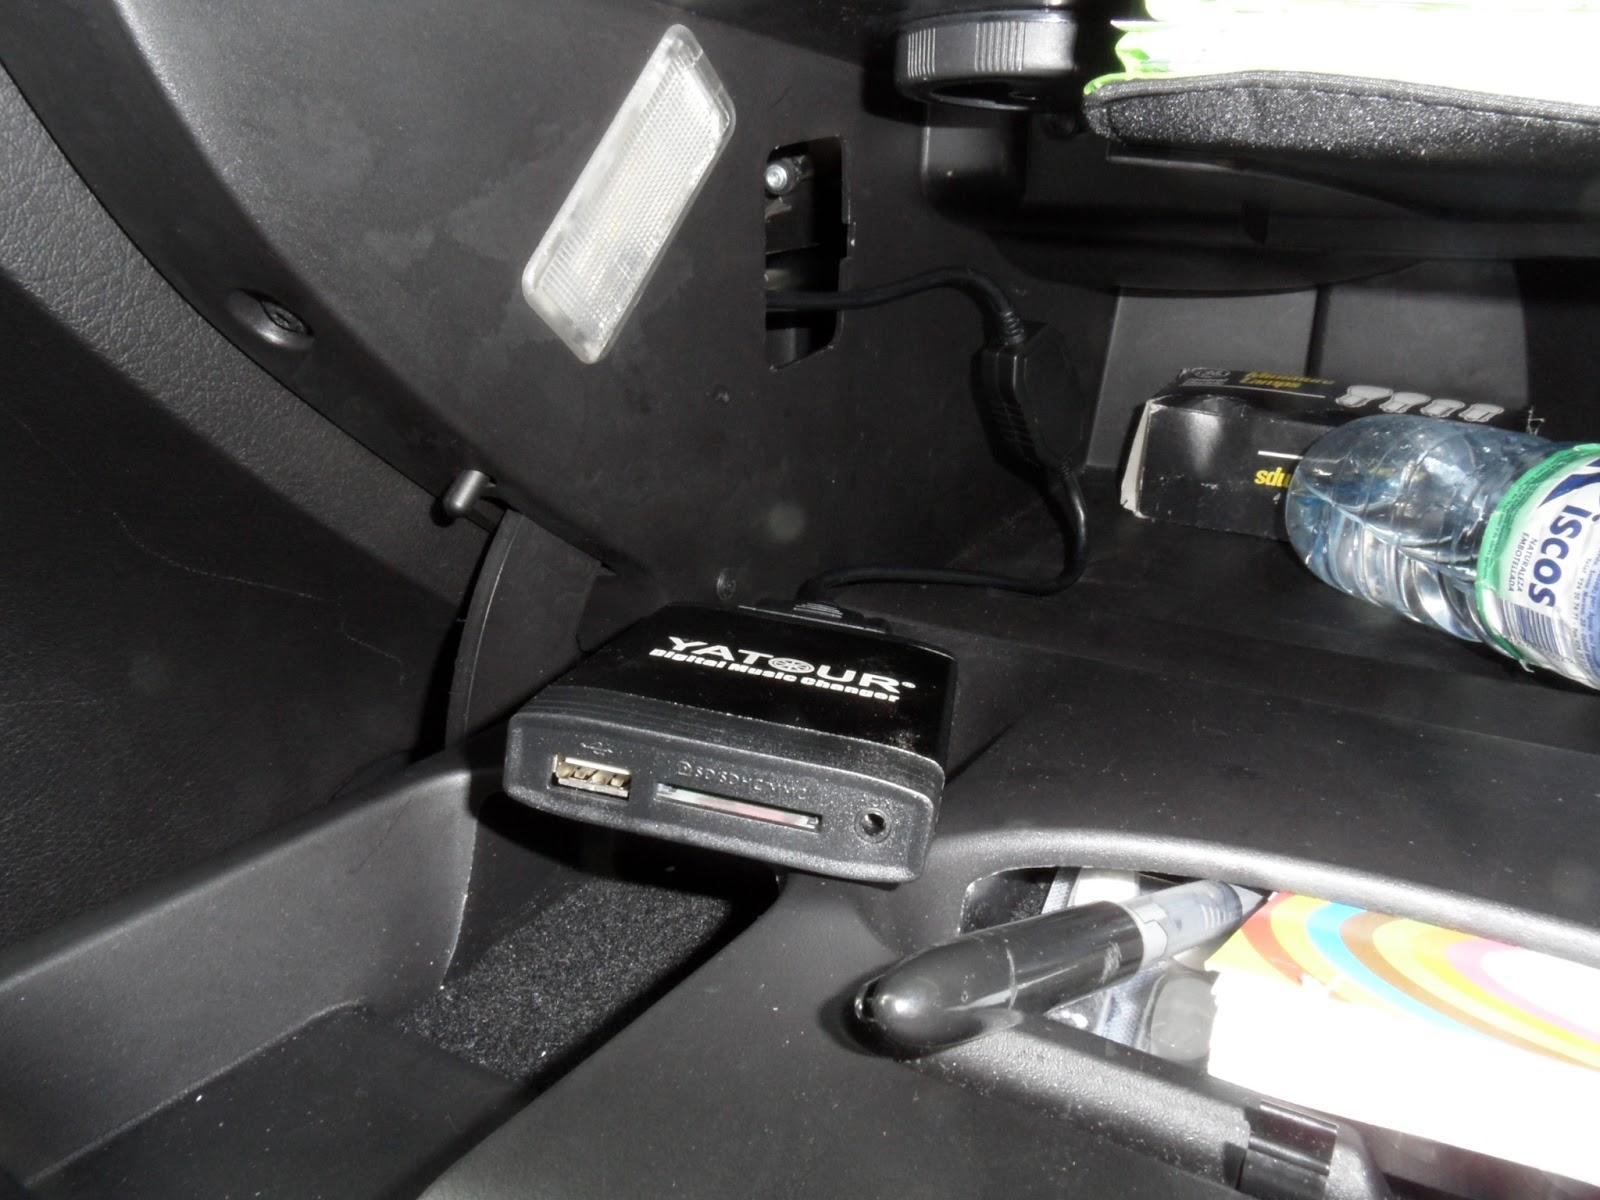 Mis enredos pensamientos y actividades instalaci n de un mp3 simulador de cargador de cds en - Instalar puerto usb en coche ...